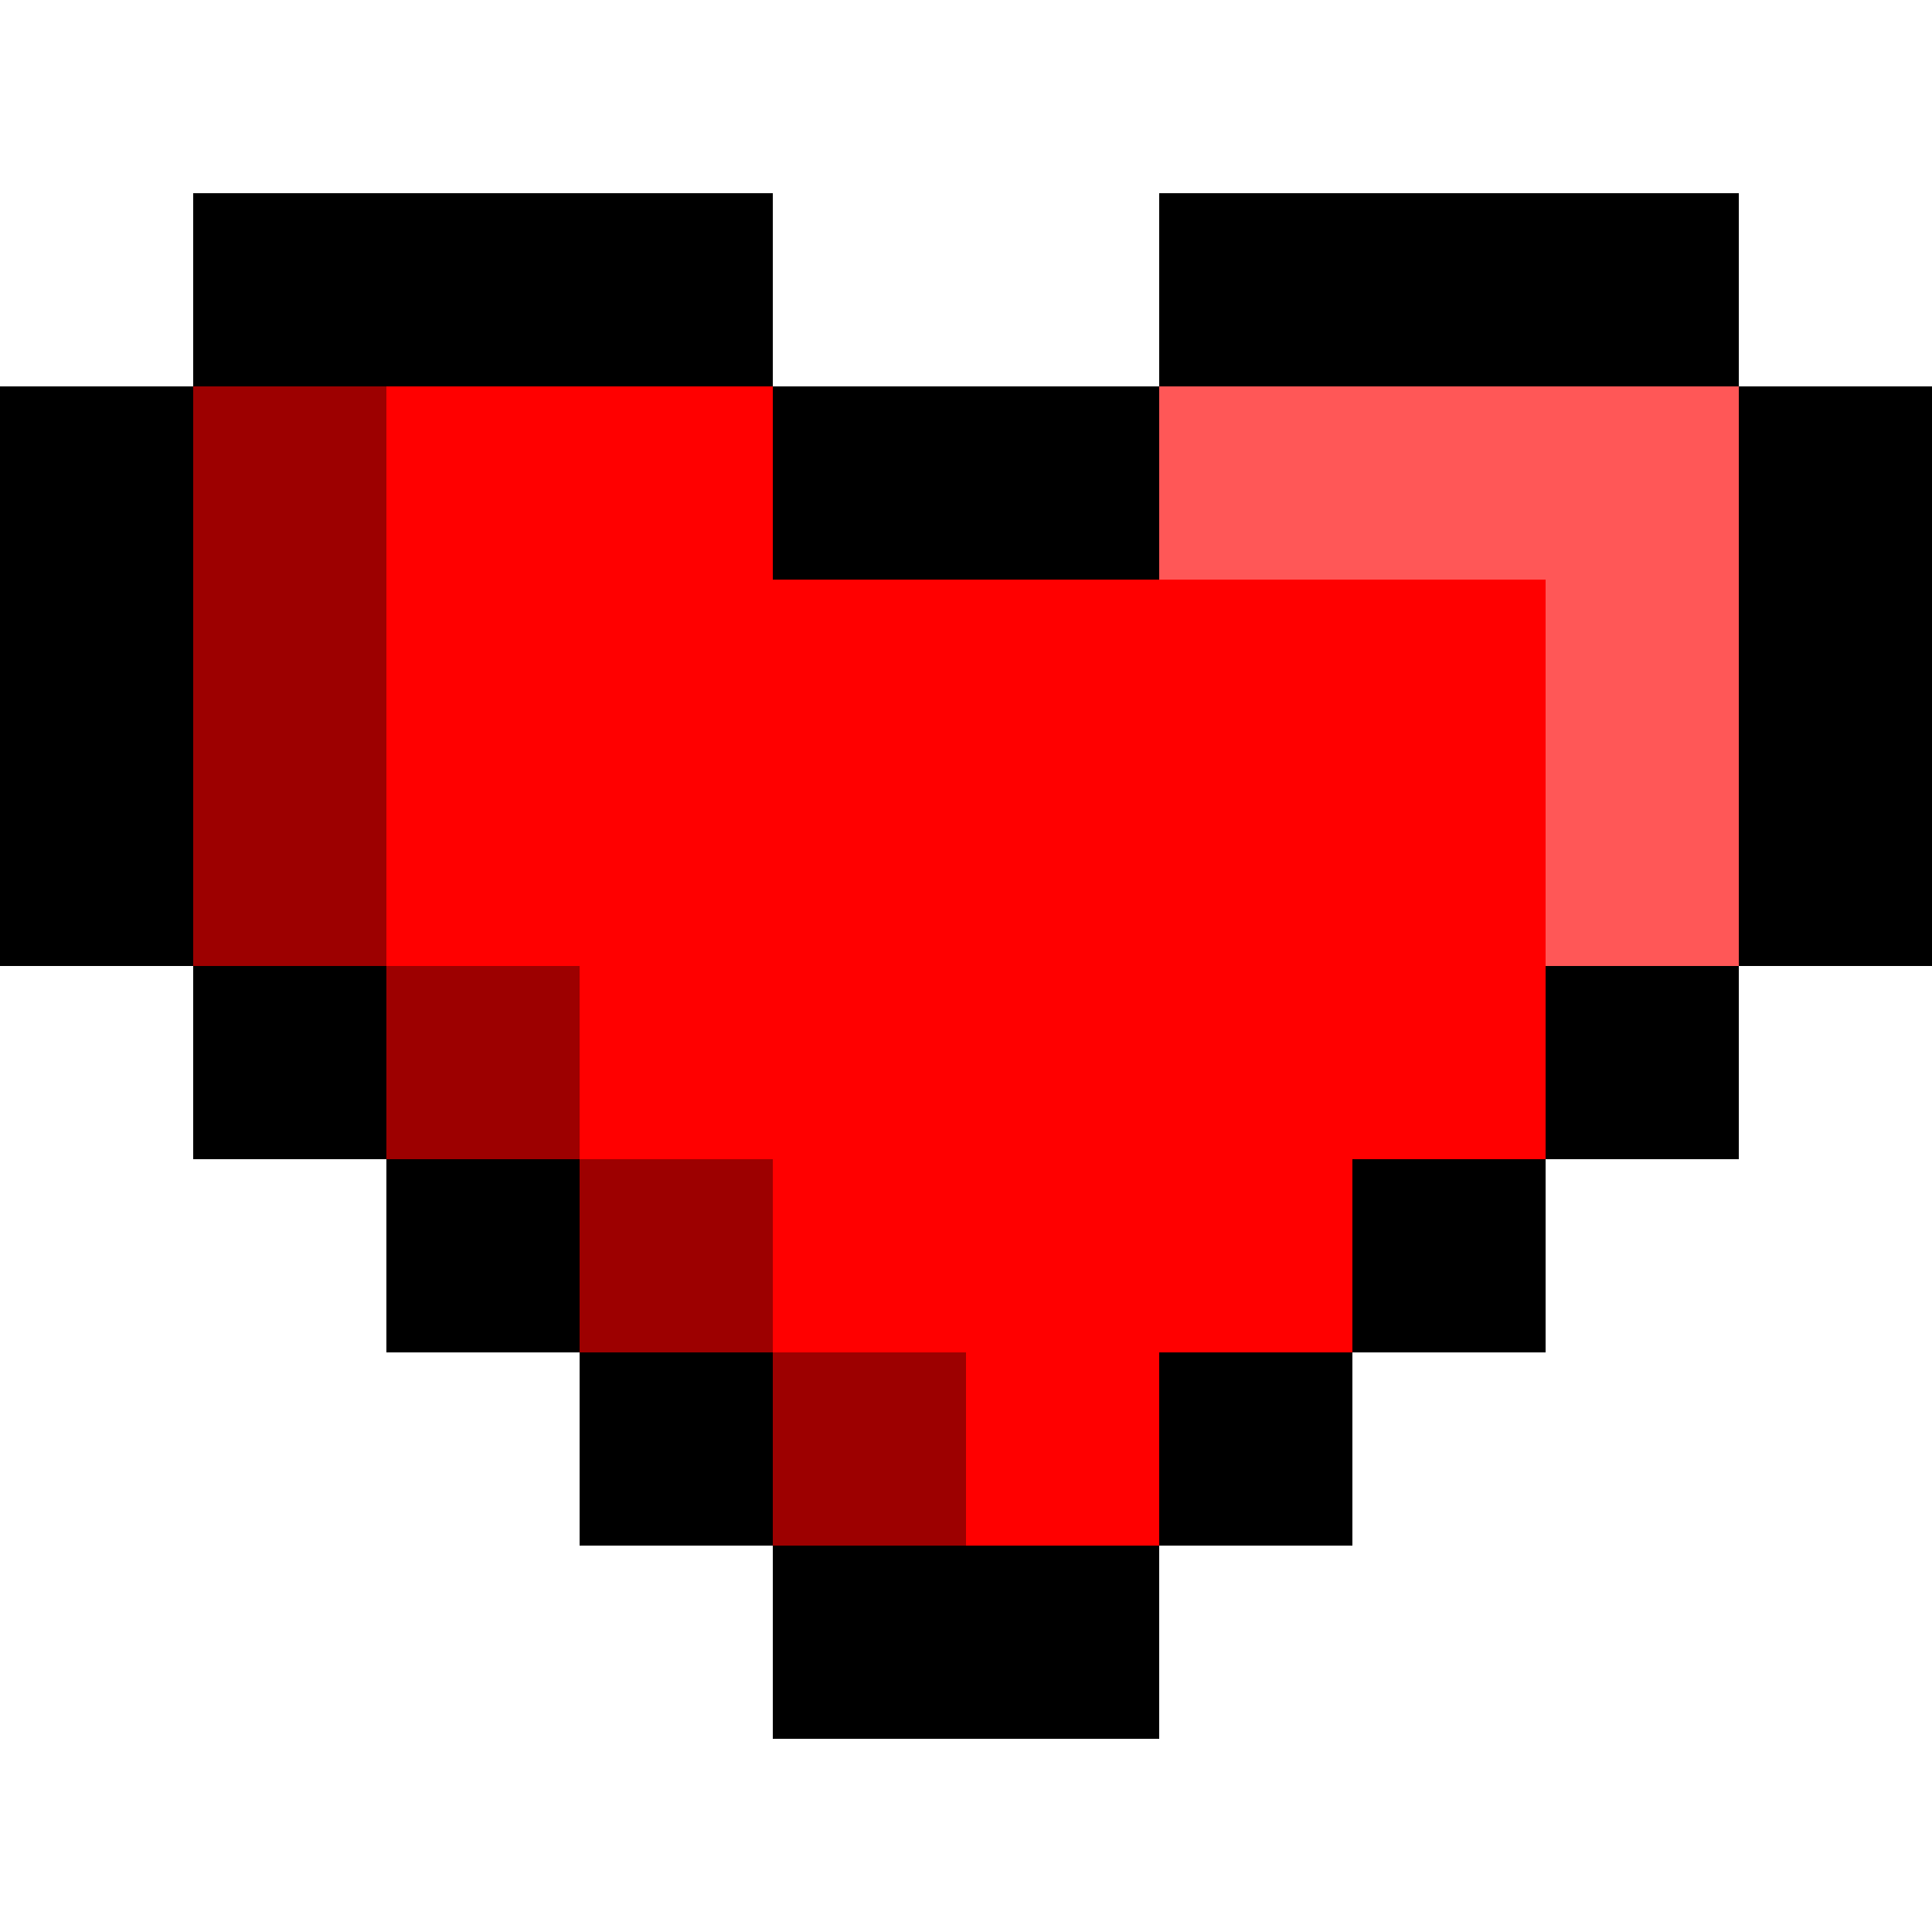 clipart 8bit heart